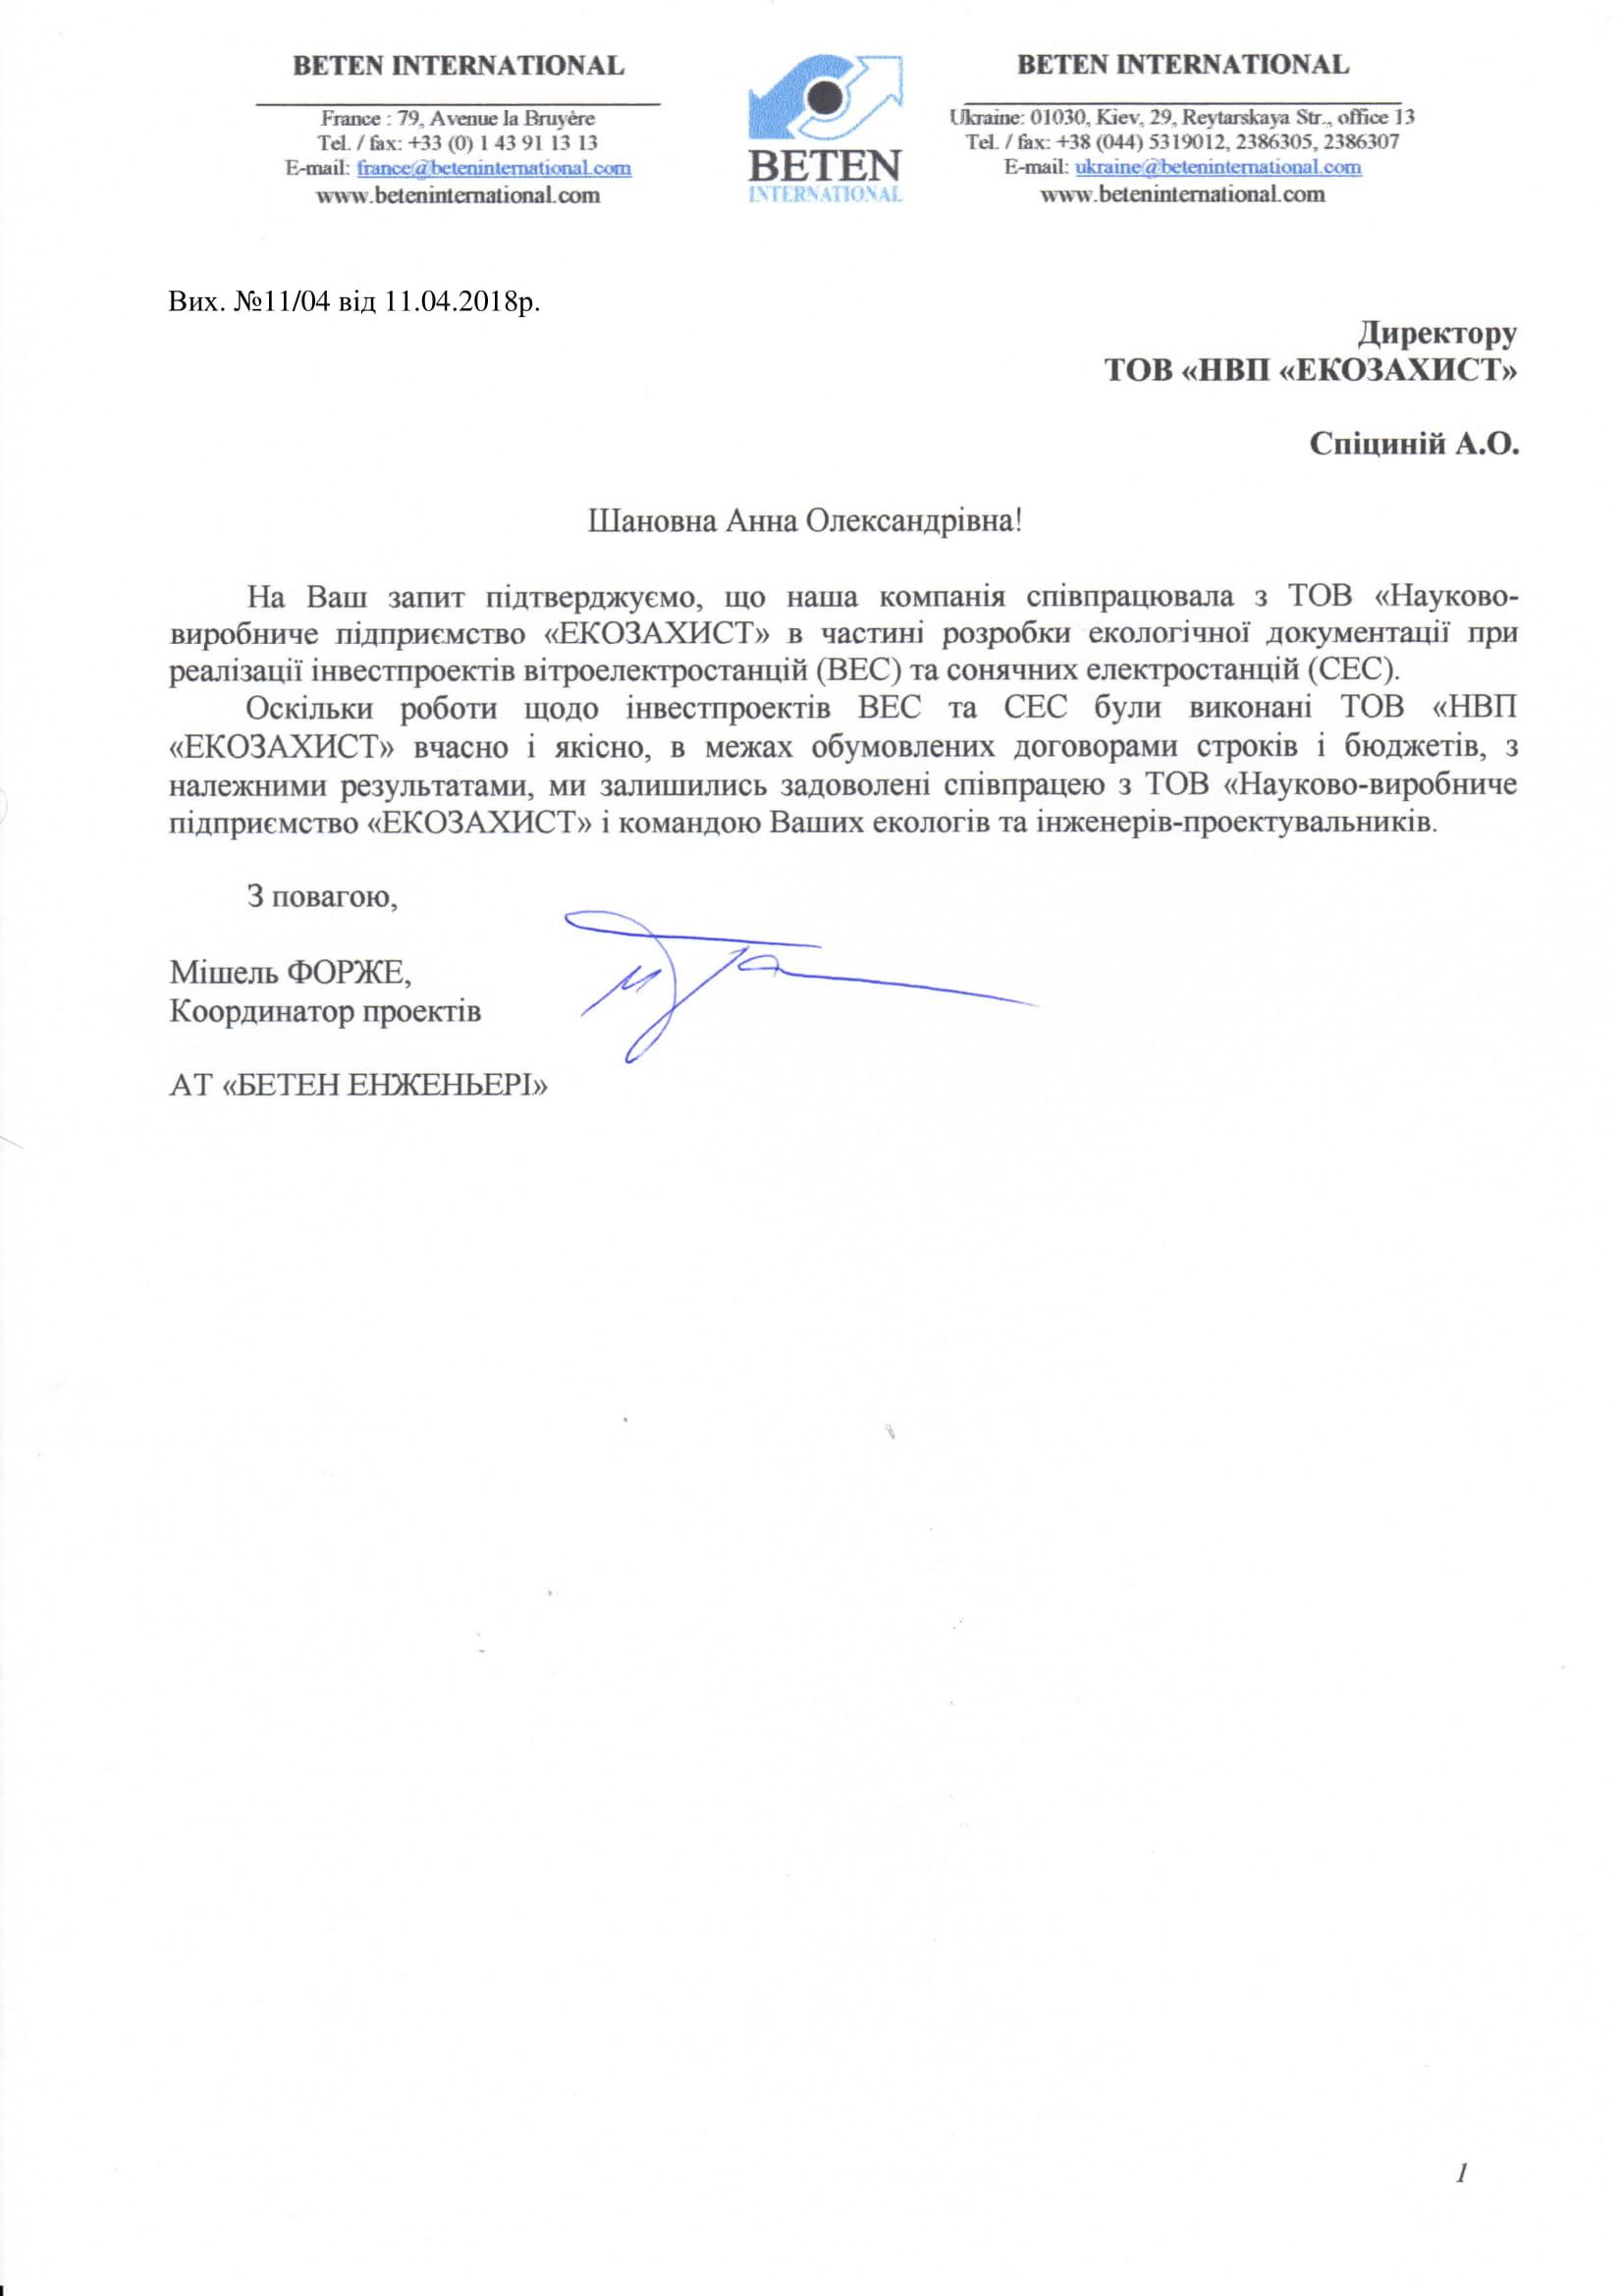 """Координатор проектов АО """"БЕТЕН ЭНЖЕНЕРИ"""" – Мишель Форже"""